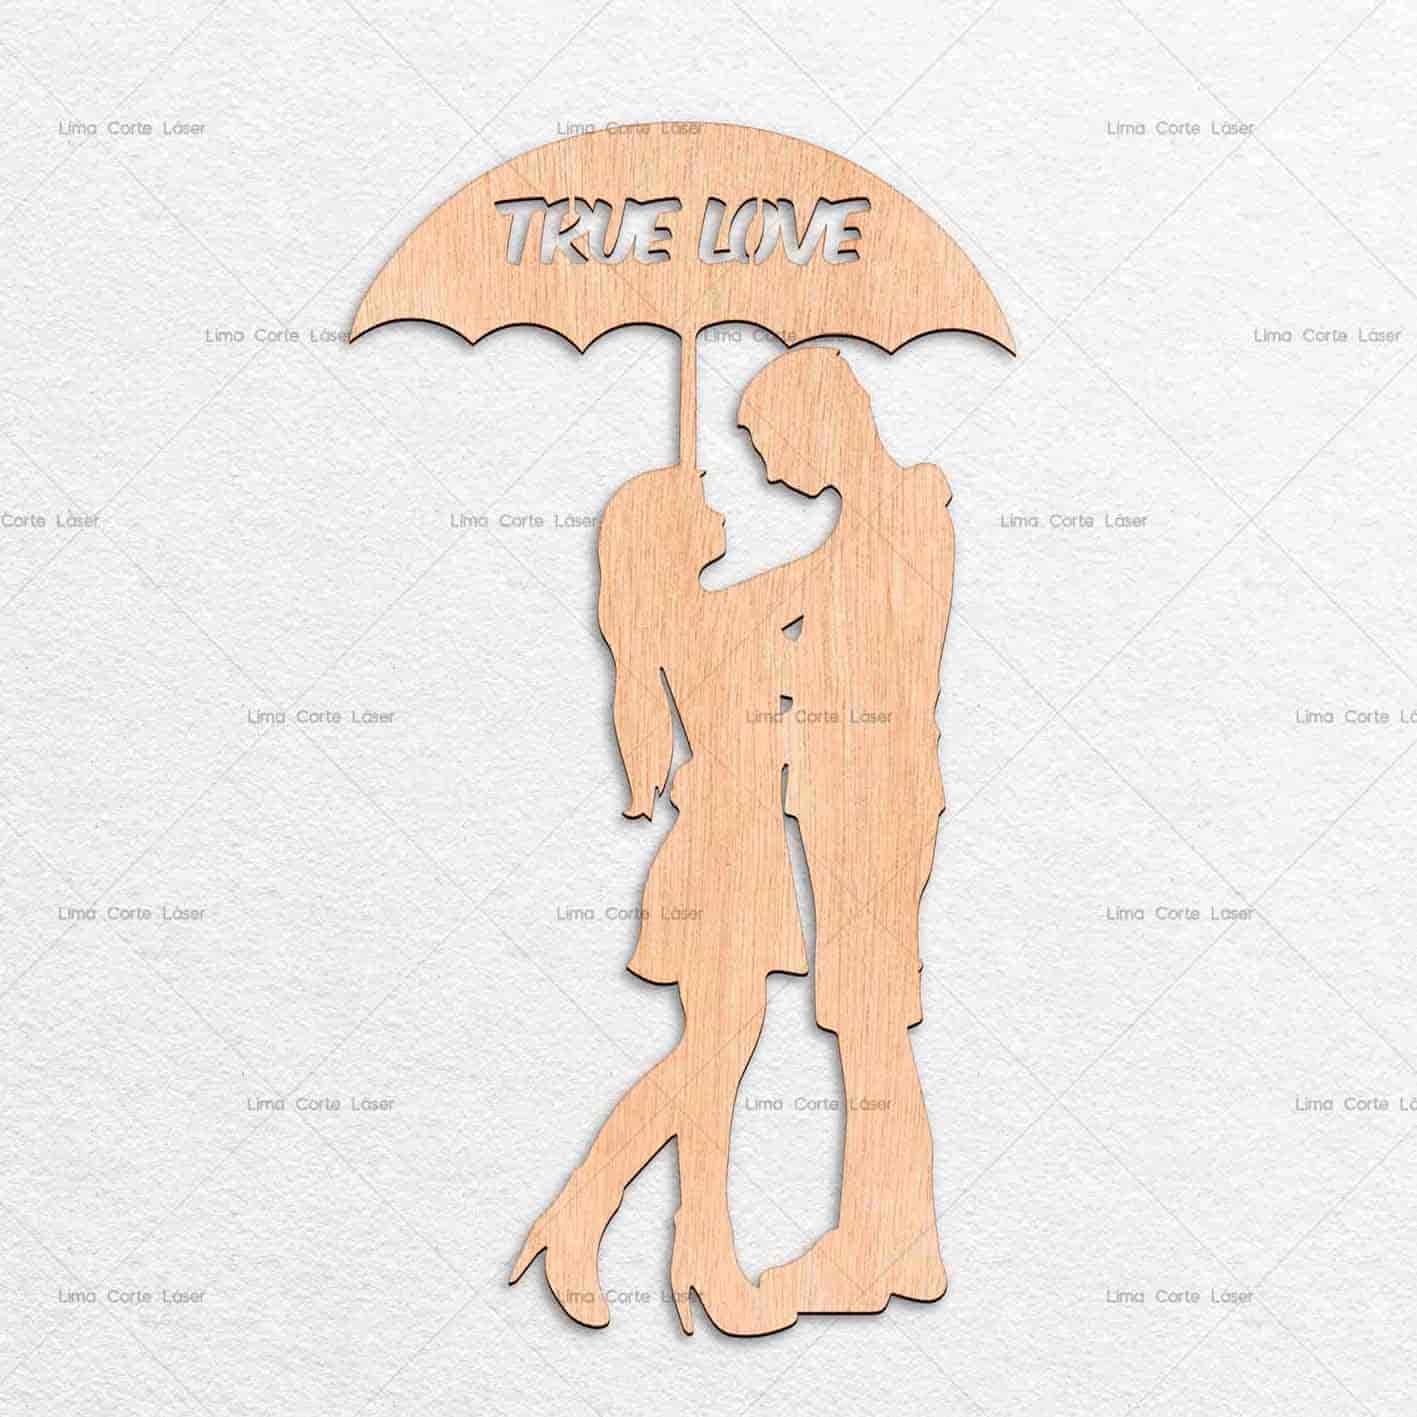 Figura de enamorados bajo paraguas hecho de madera y cortado con láser